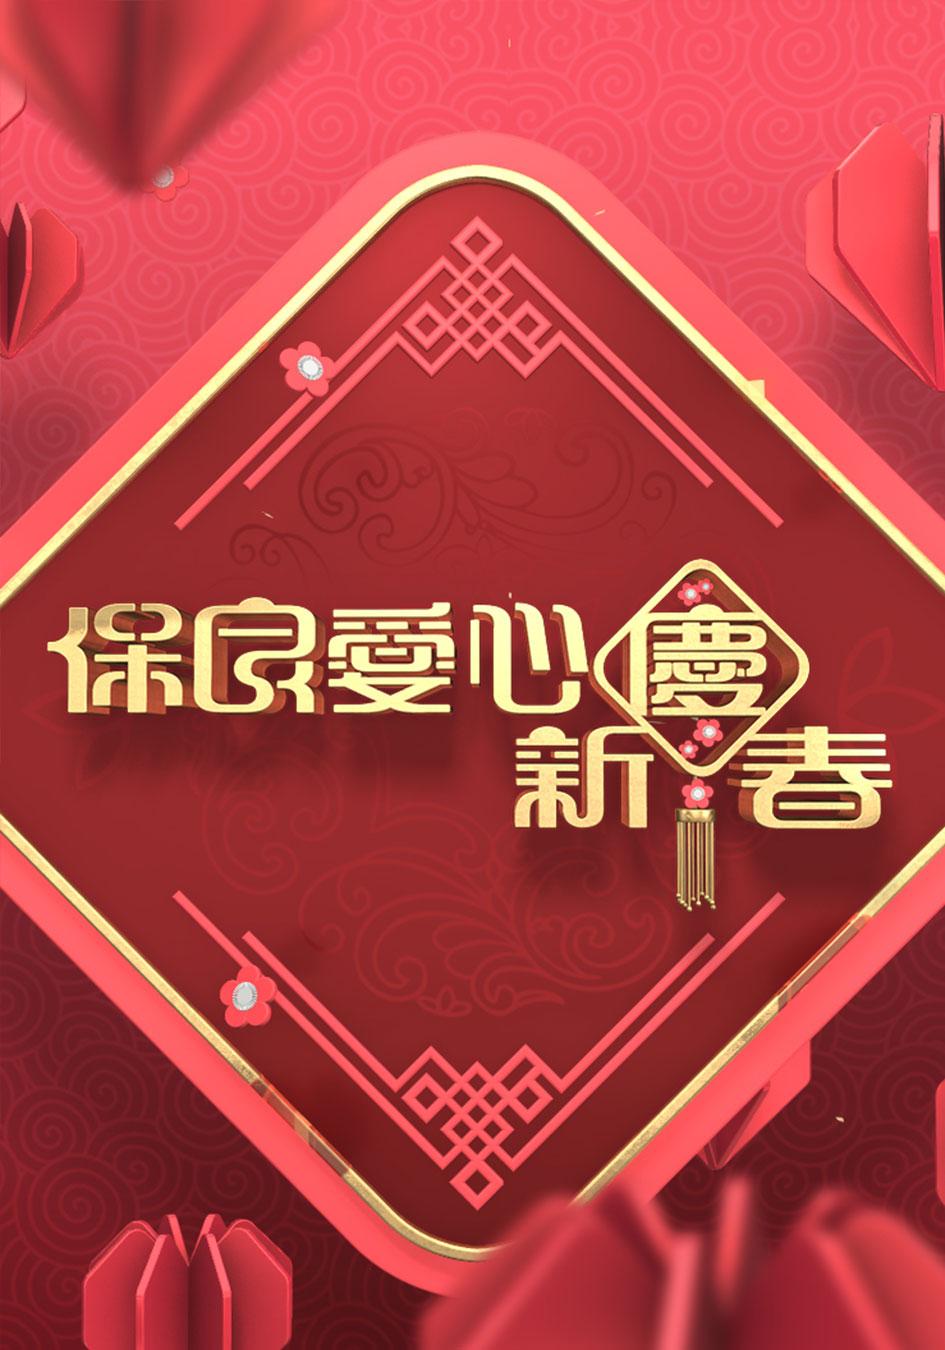 保良愛心慶新春-Po Leung Kuk 141st Anniversary Special